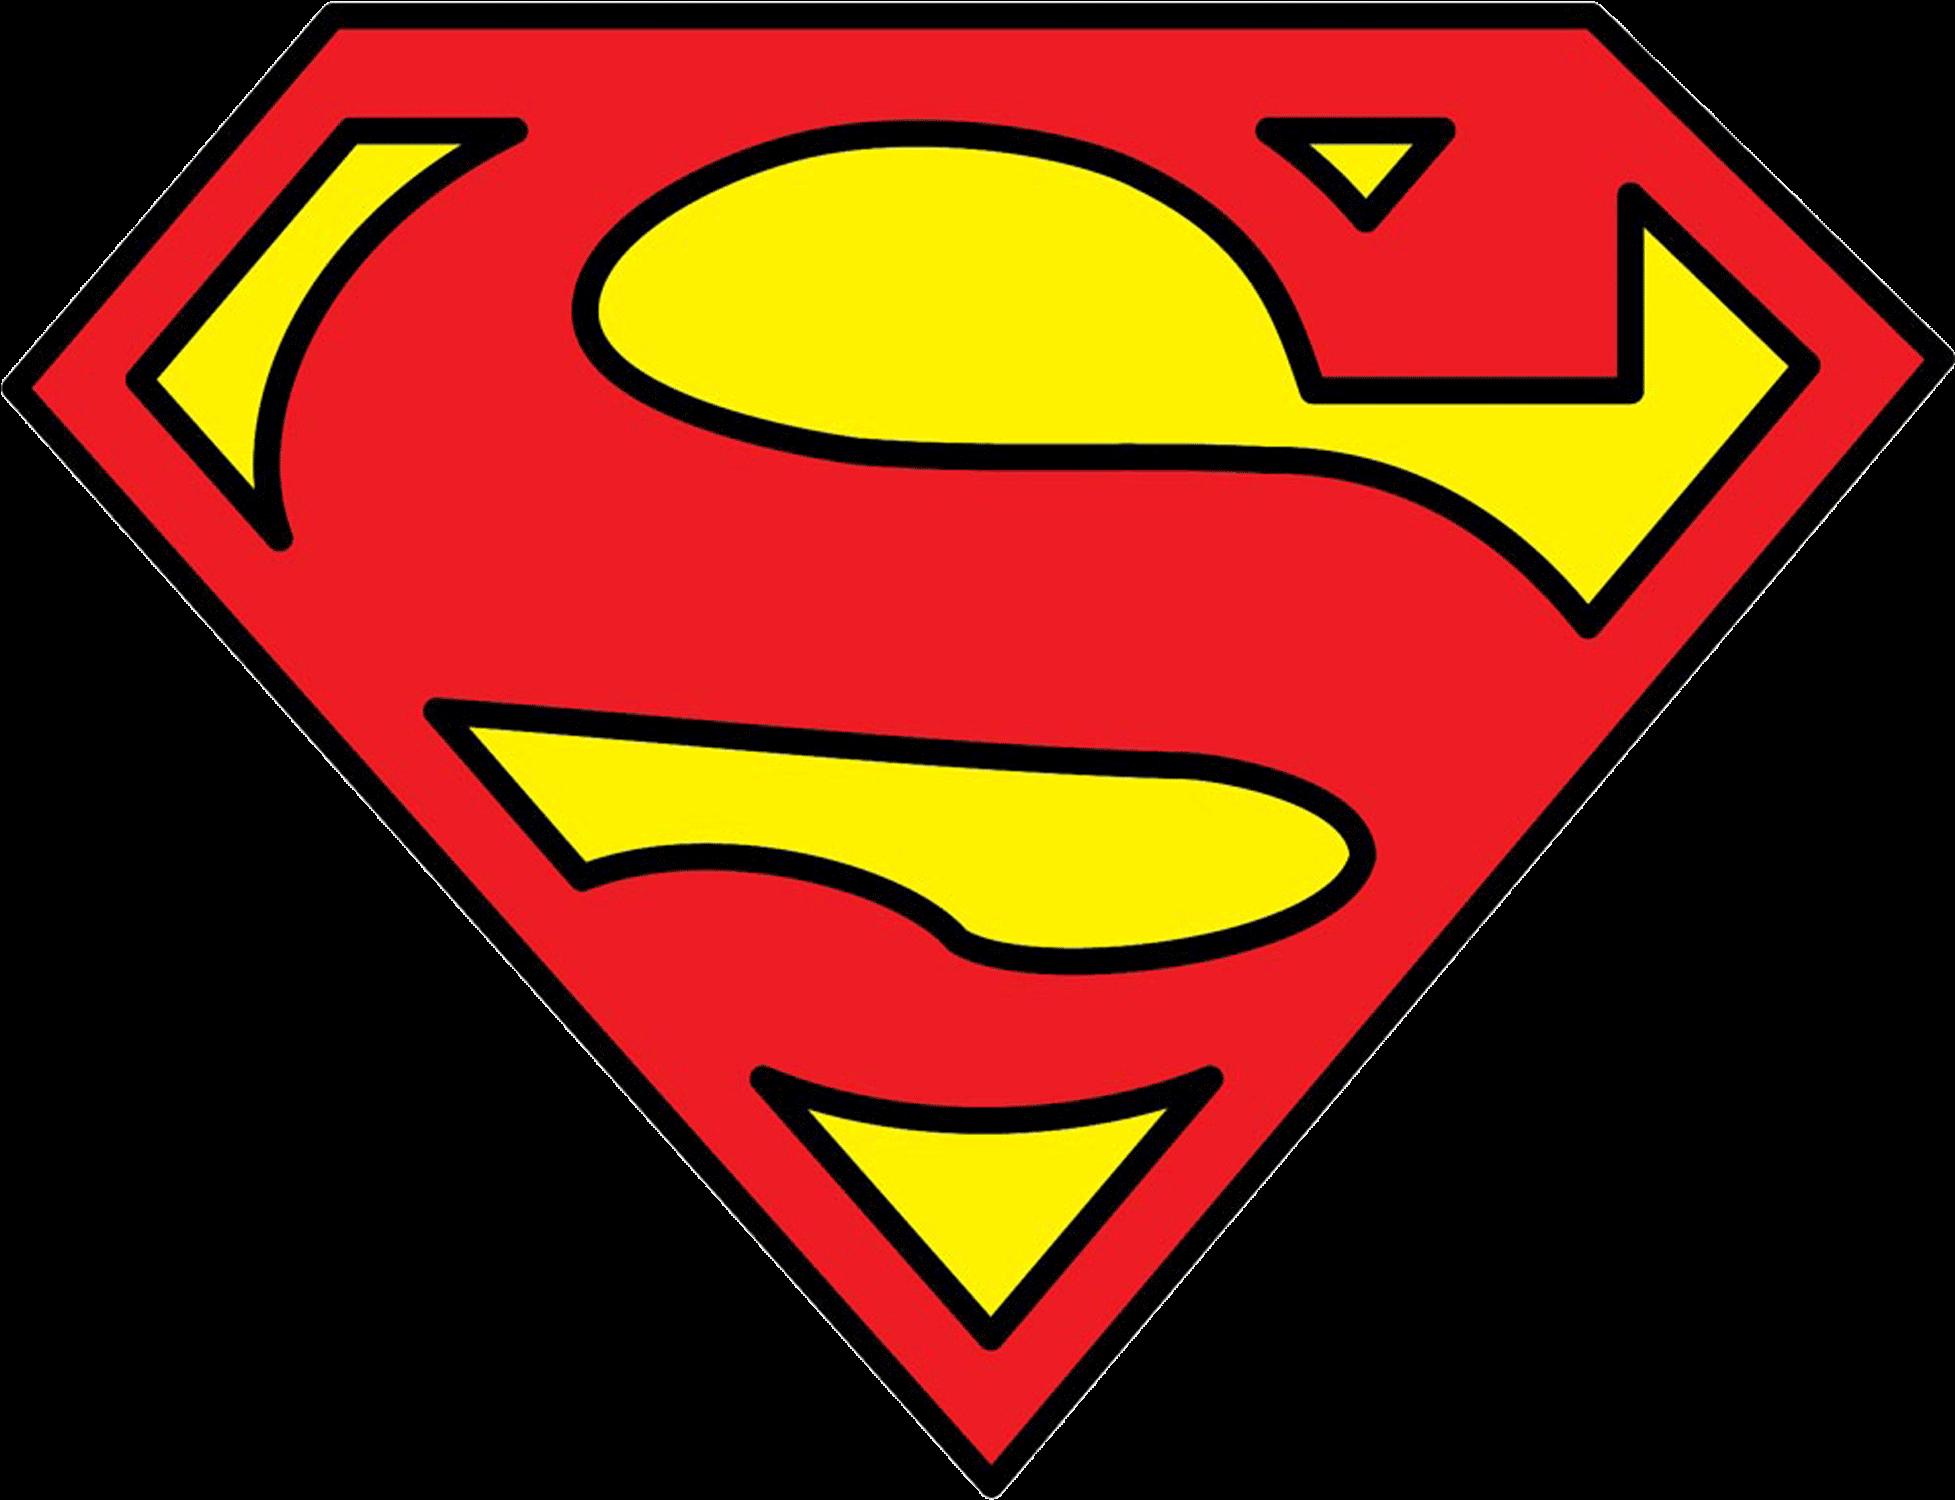 Simbolo Do Super Homem.